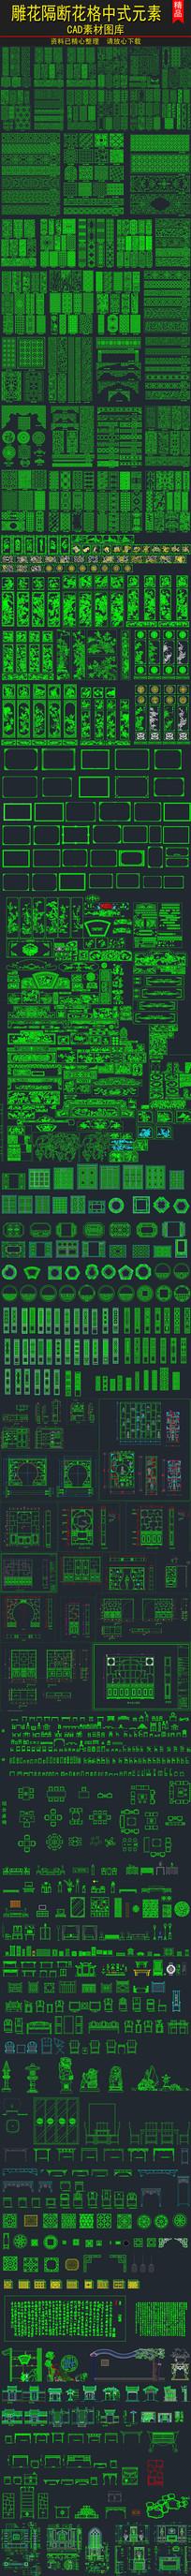 中式元素雕花隔断花格屏风CAD素材图库